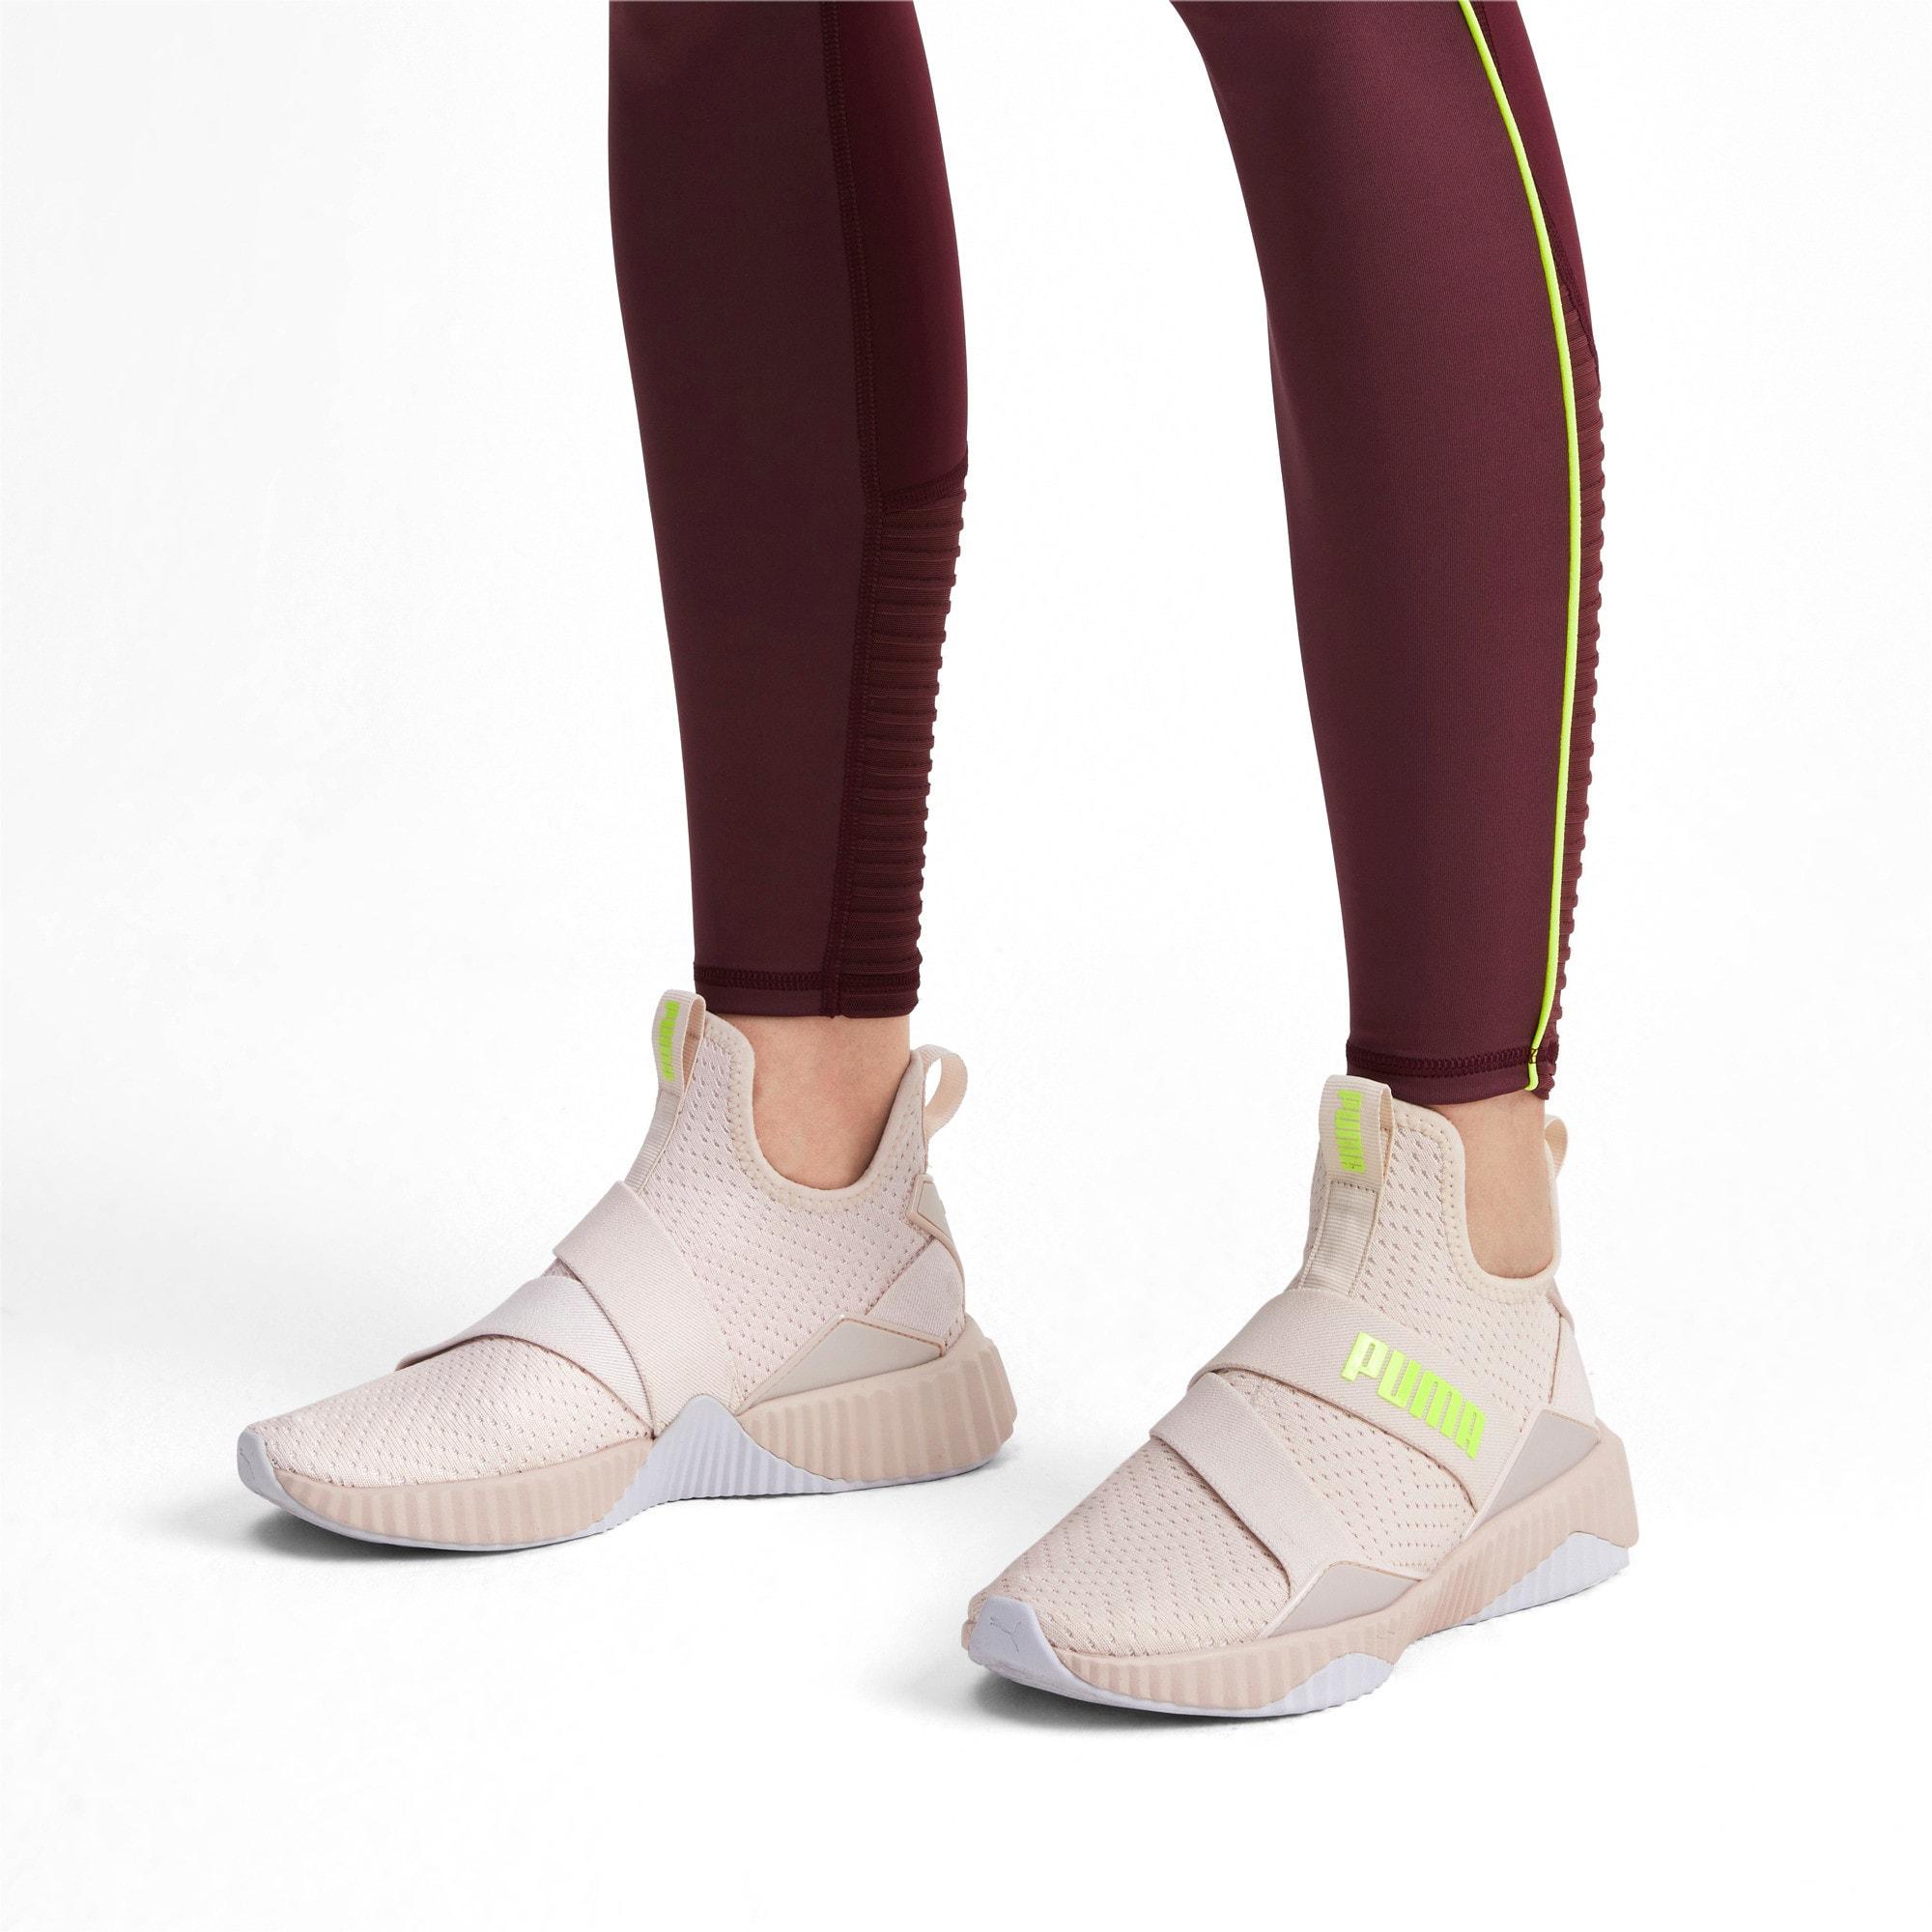 Thumbnail 2 of Defy Mid Core Women's Training Shoes, Pastel Parchment-Puma White, medium